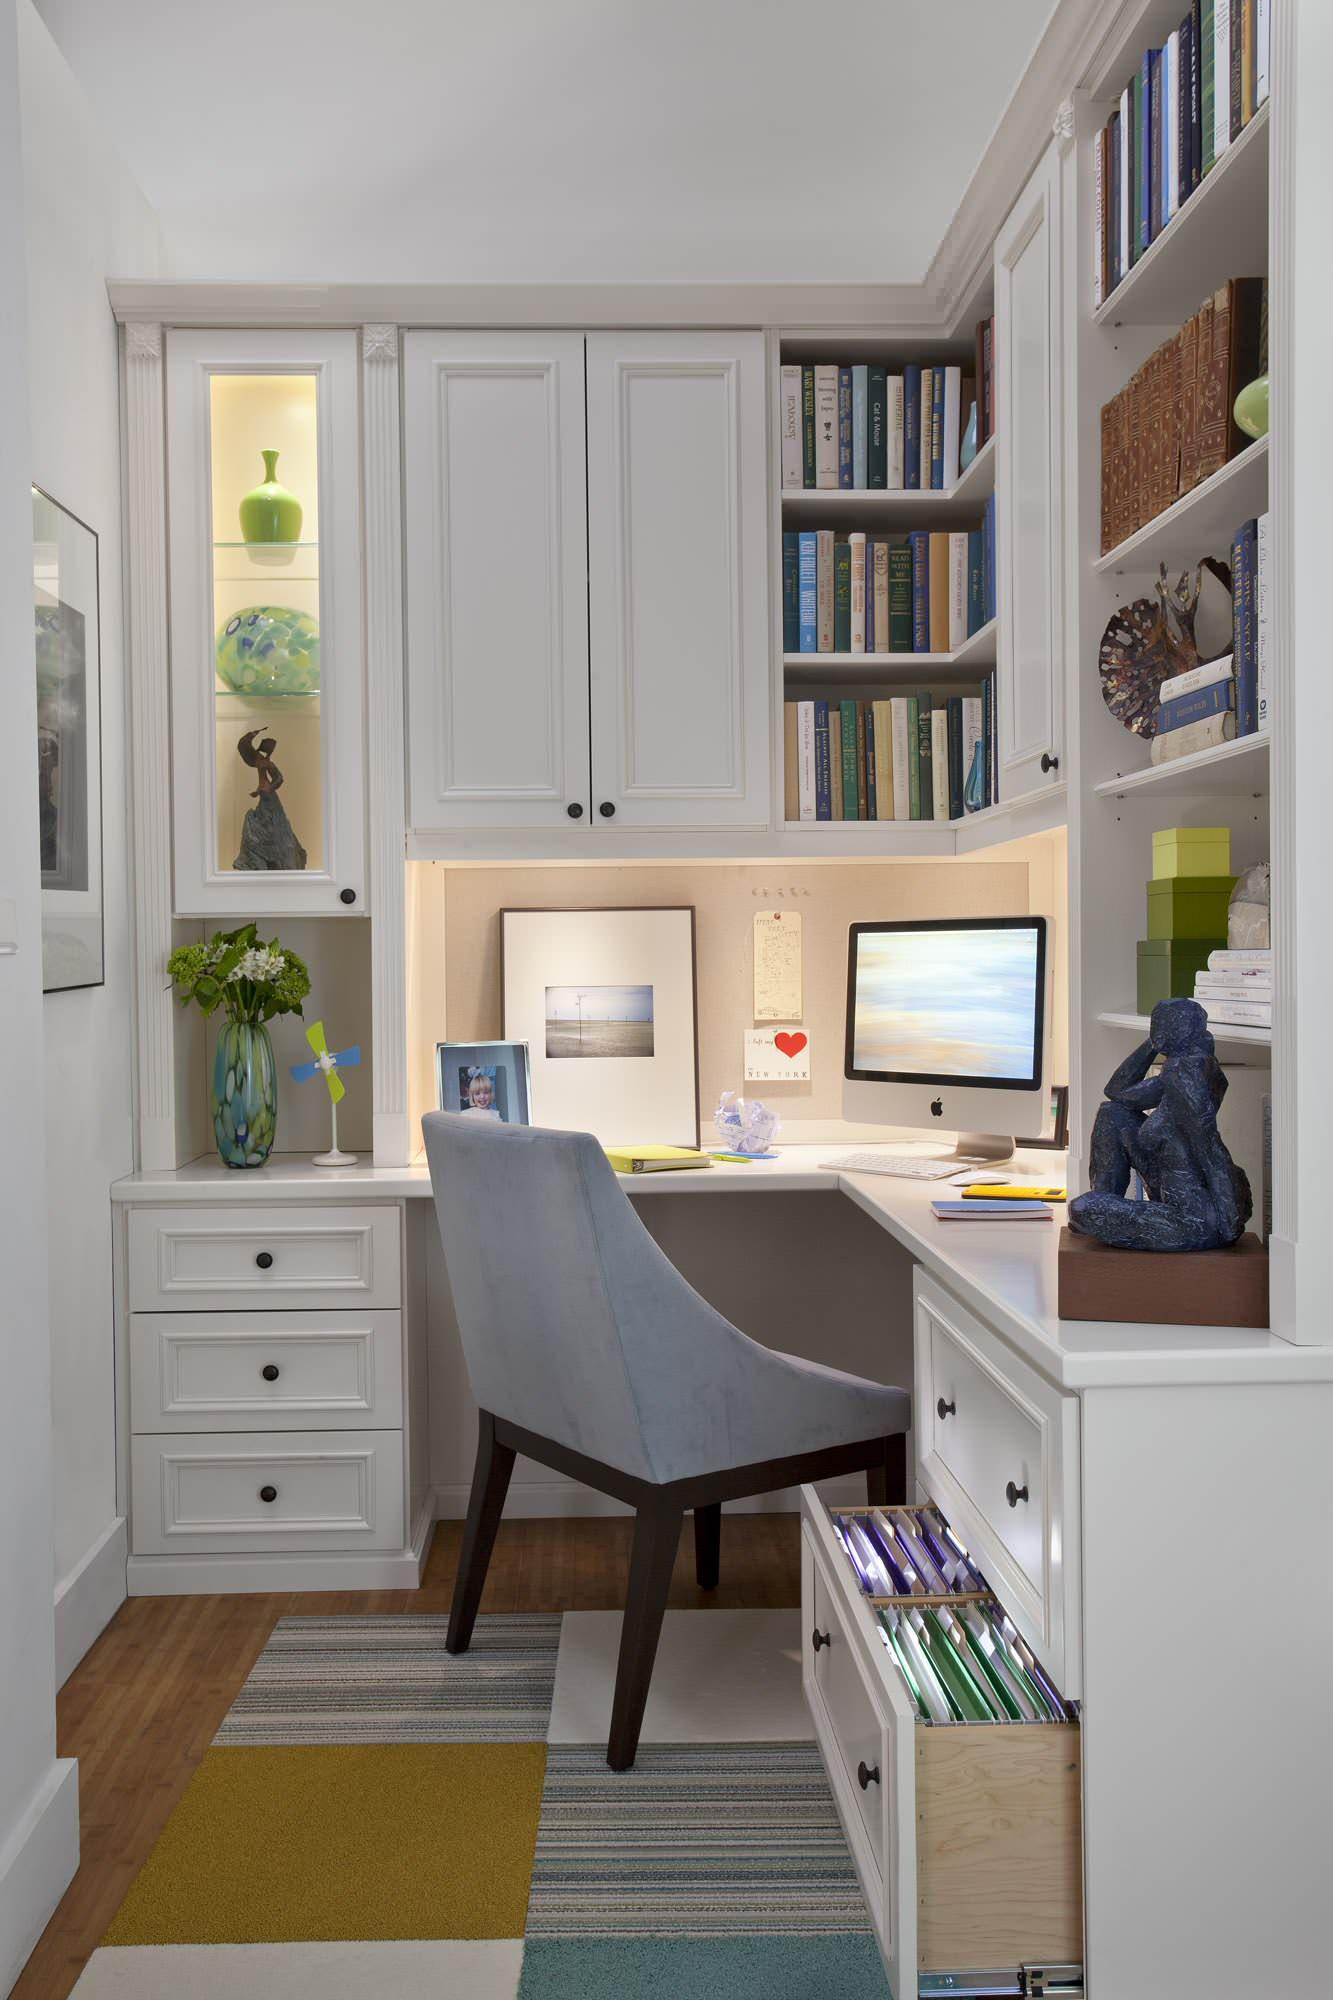 Обустройство рабочего кабинета идеи ideasdesign ideasdesign.